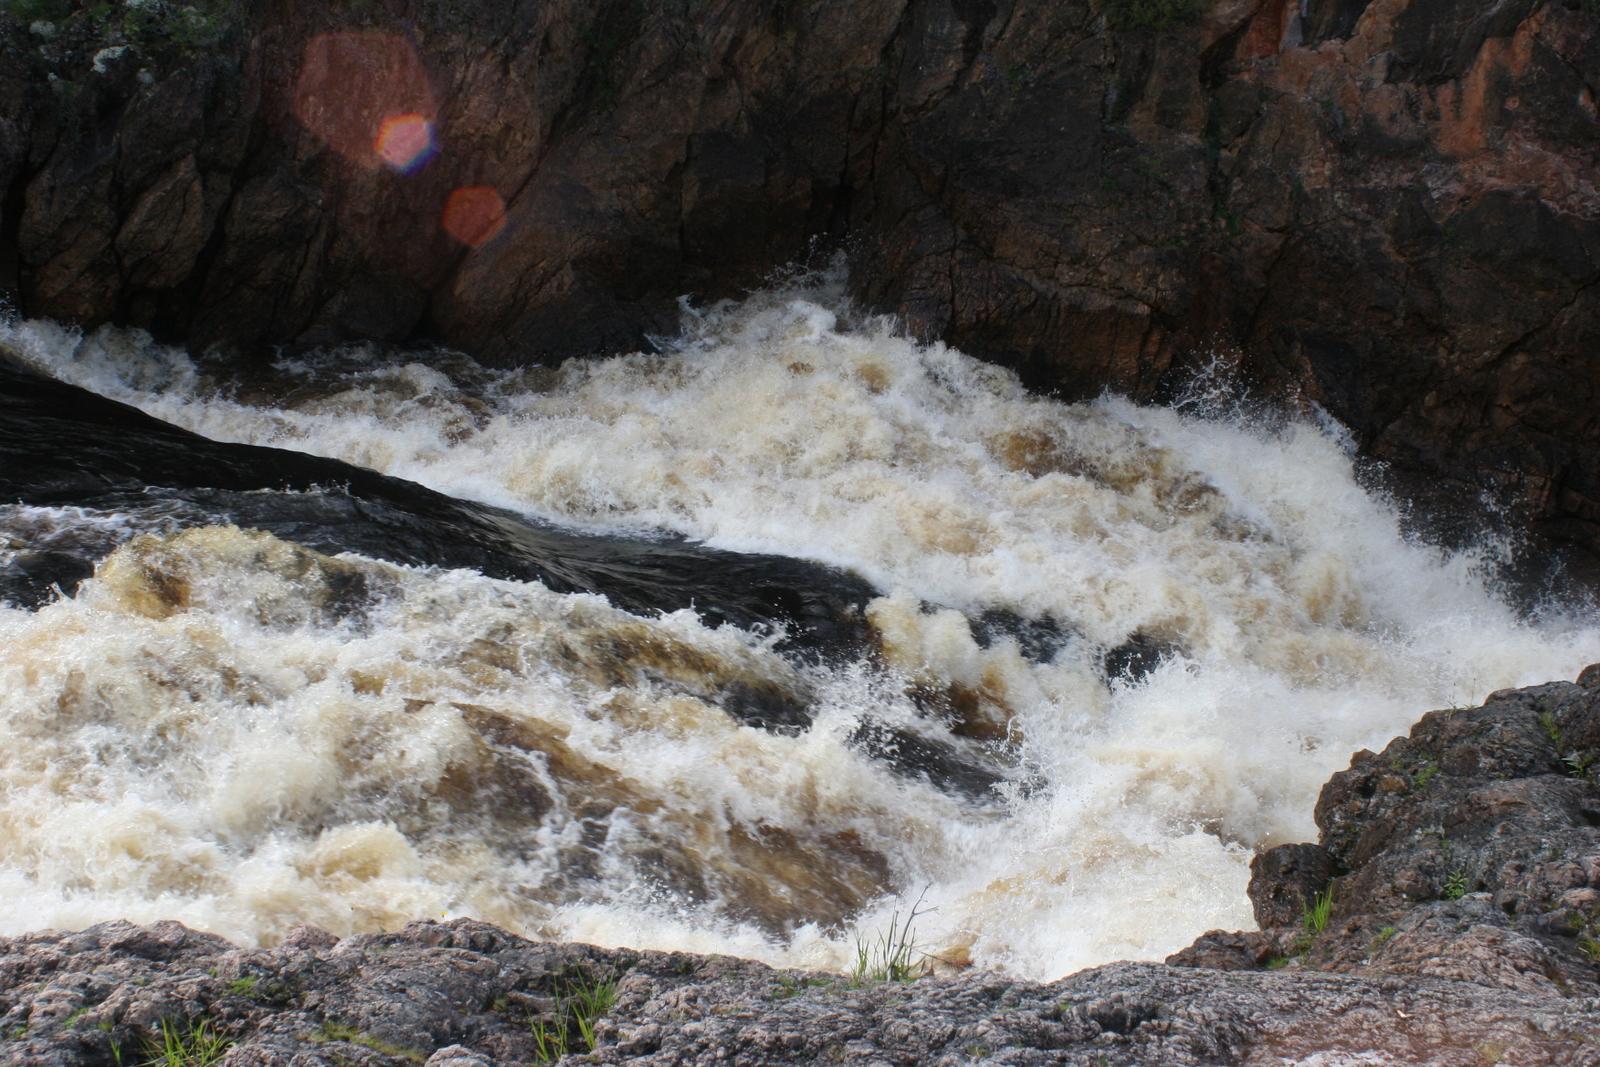 Oulangan kansallispuisto. Valokuva on kyllä onneton tapa ikuistaa koski. Eihän tästä tajua ollenkaan, millä vauhdilla vesi syöksyy!